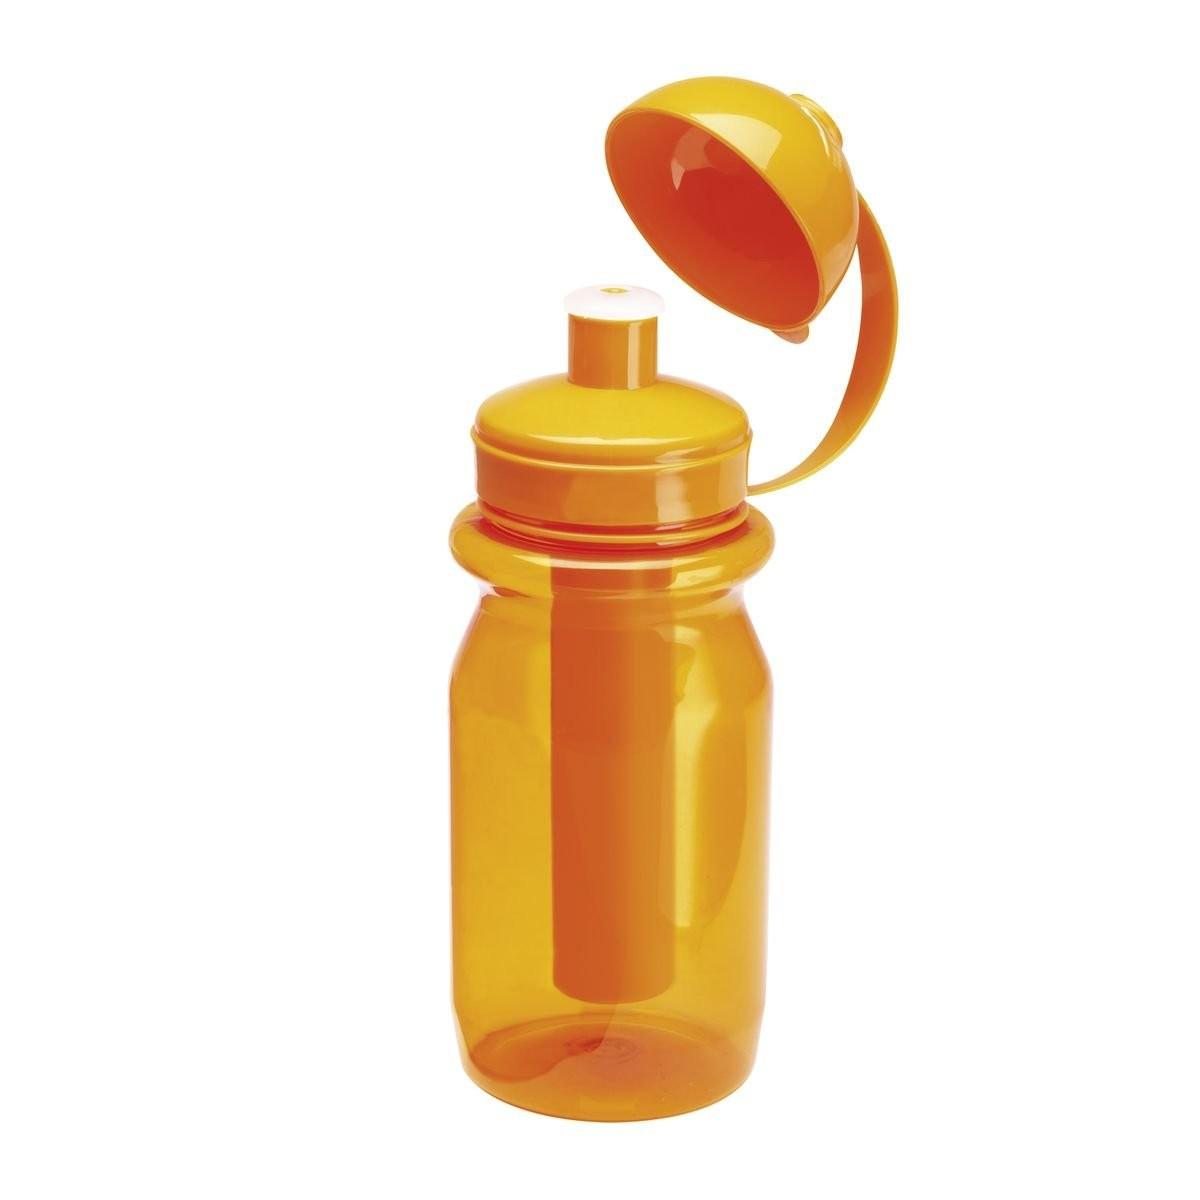 Flasche REFLECTS-OTTAWA ORANGE, Ansicht 3